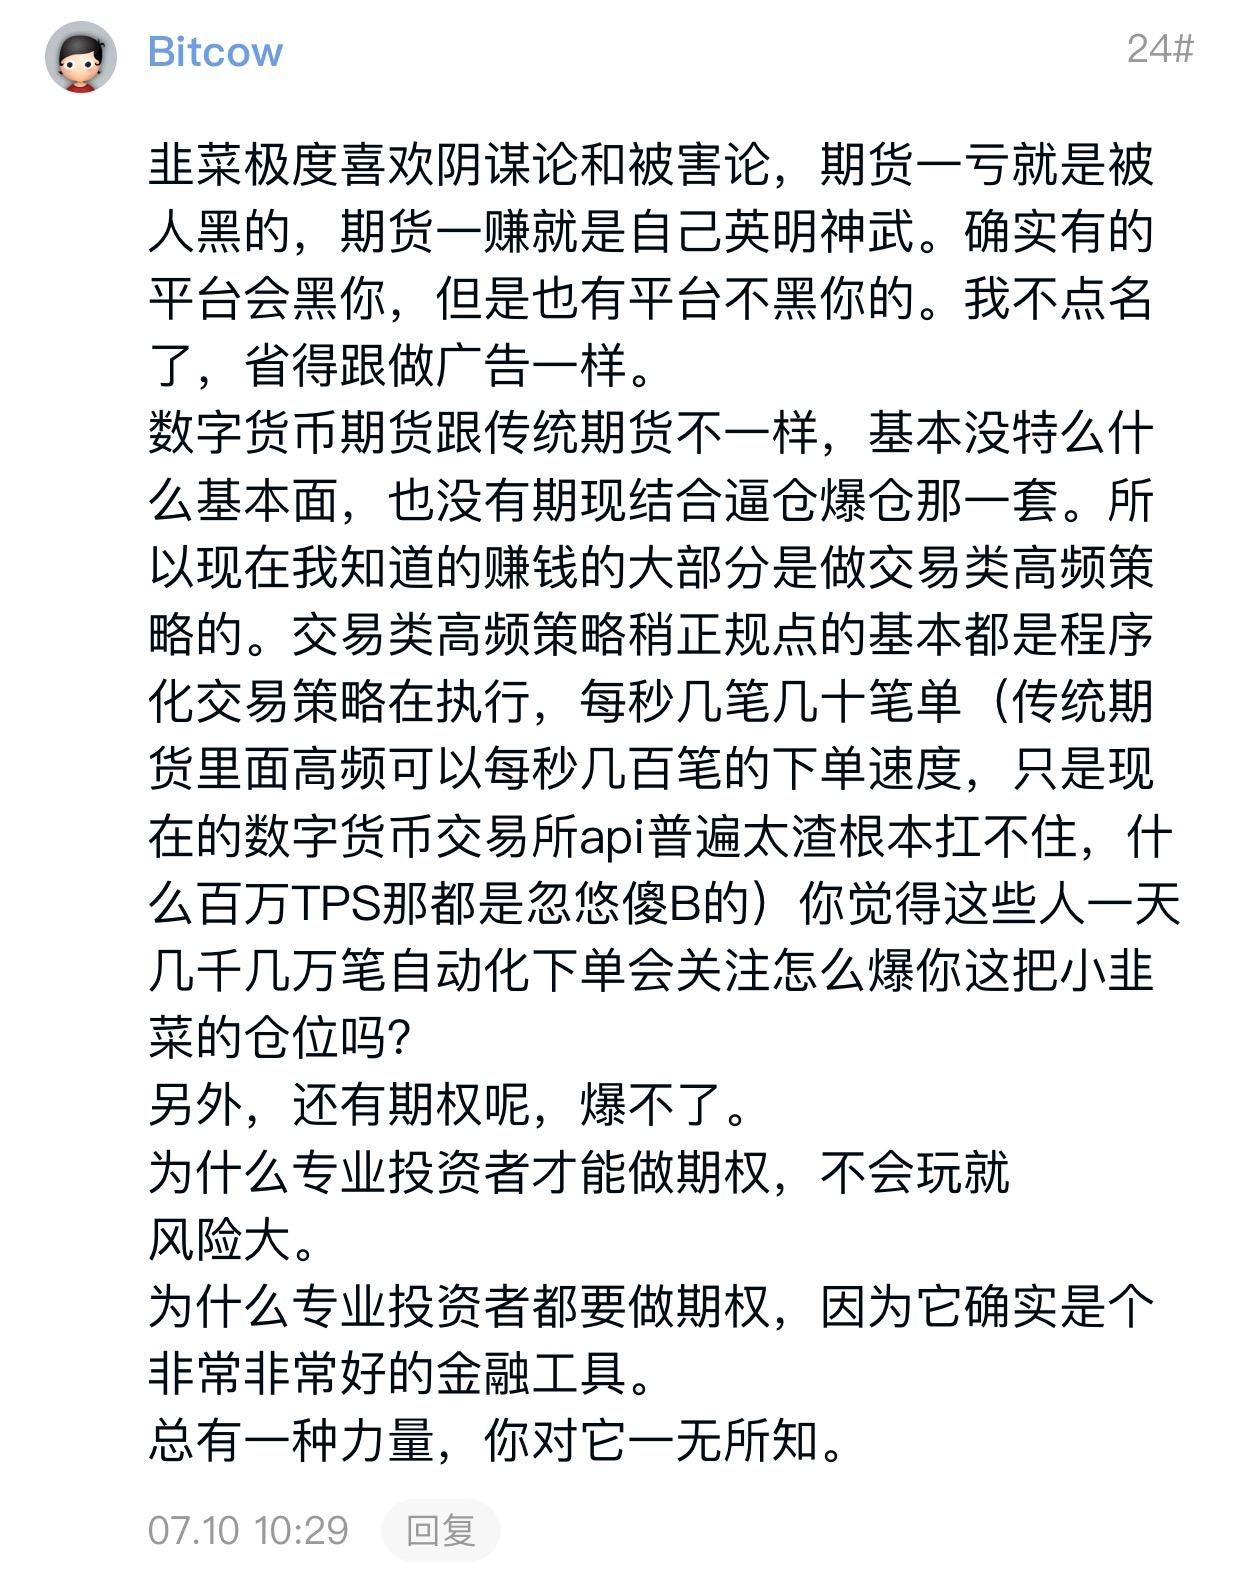 """两大重磅解读:币圈""""去中国化""""与能源控产能_币圈论坛"""